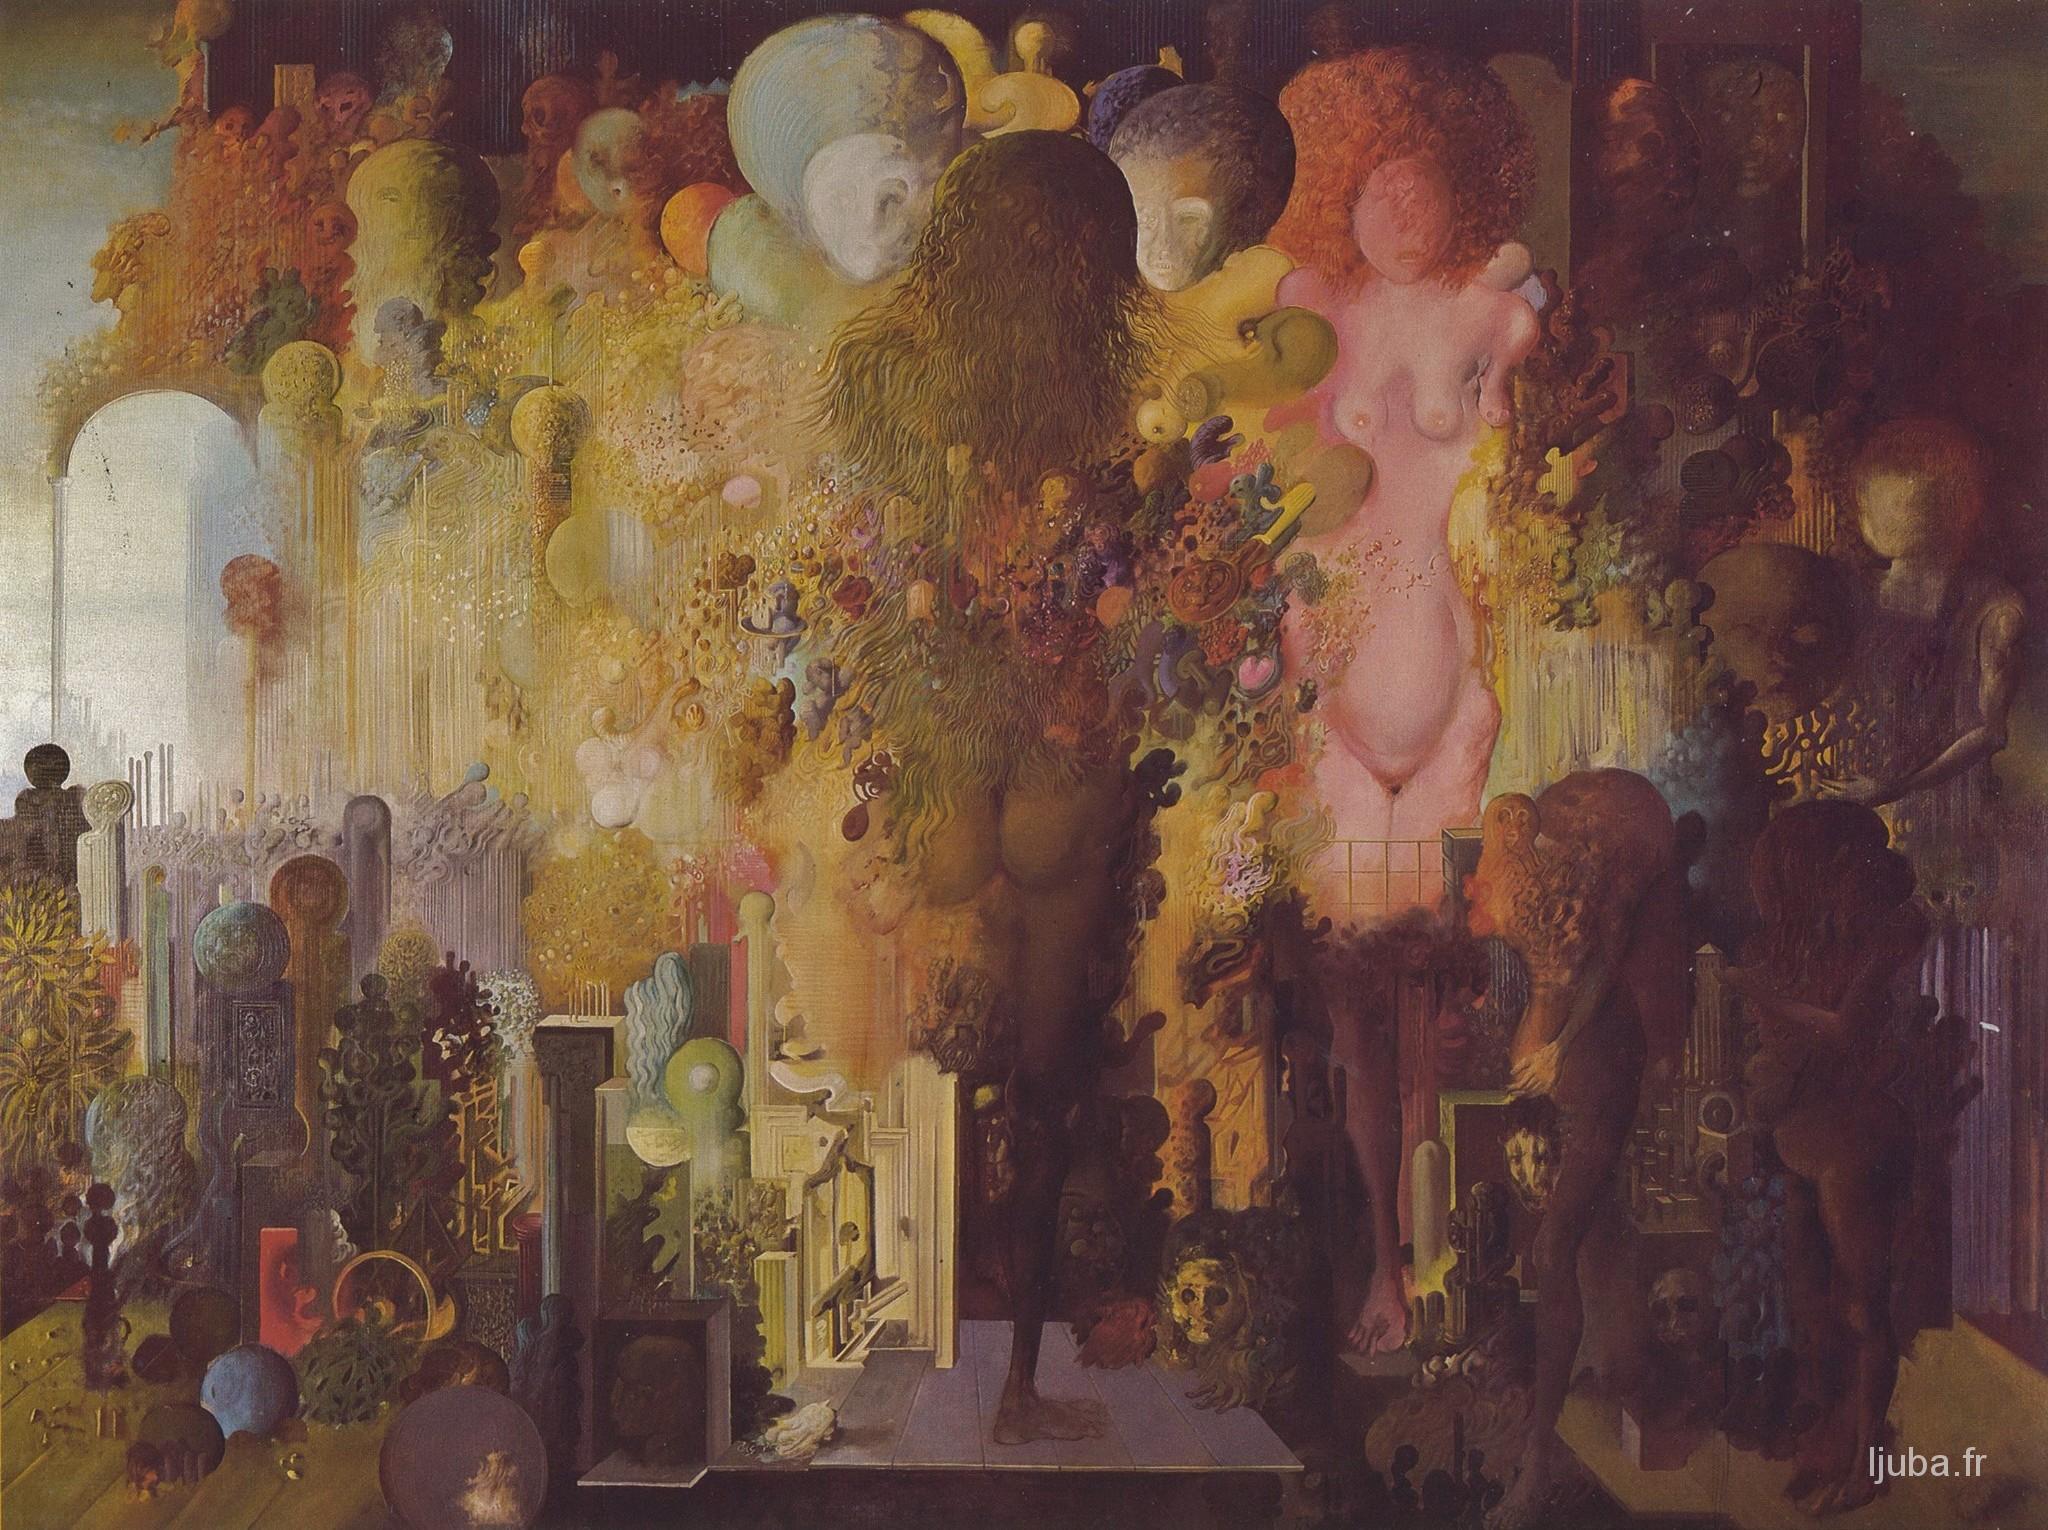 Ljuba Popovic - Naissance de l'homme cosmique, 1971-70